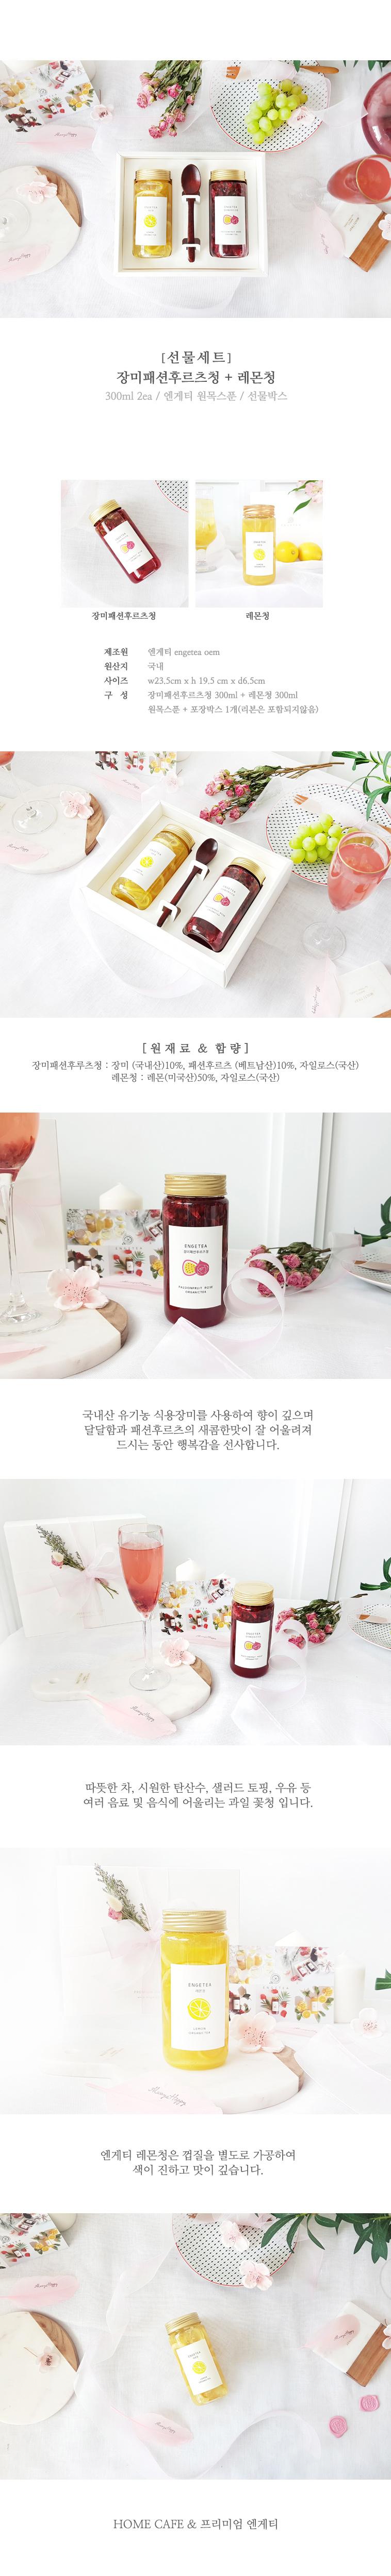 선물세트 장미청 x 레몬청 수제청 - 엔게티, 27,000원, 차, 과일청